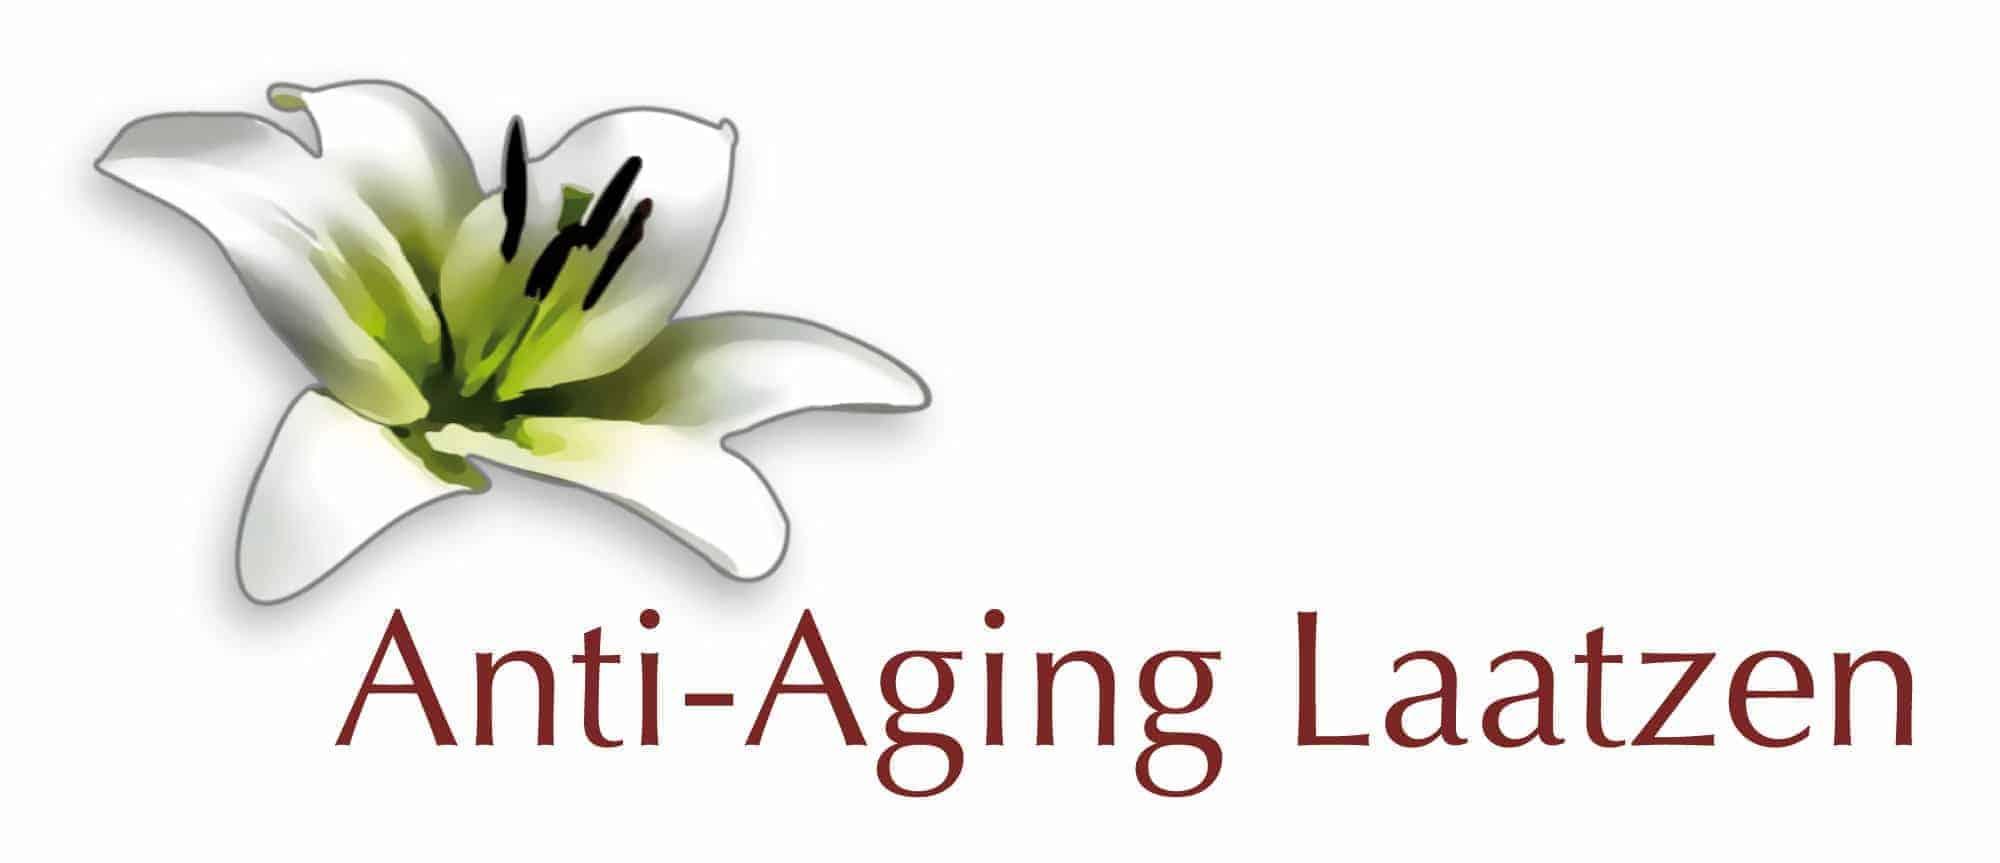 Logo Anti Aging 2014 5 Jahre Jubilaeum tv28l1 - Was Anti-Aging für den Patienten leisten kann